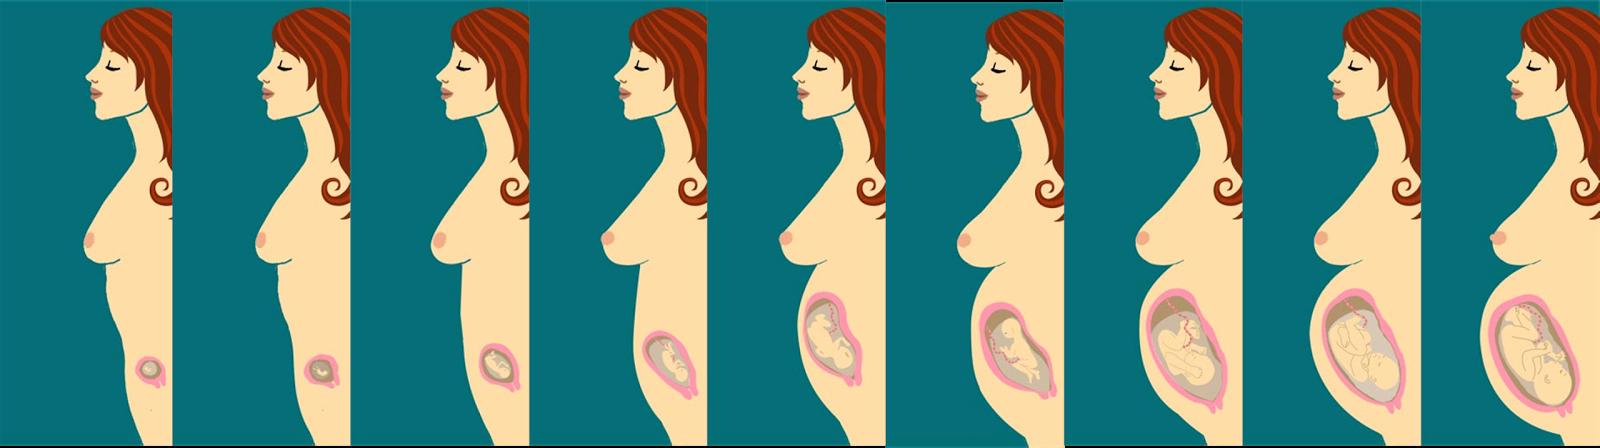 Embarazo acb - 1 mes de embarazo ...